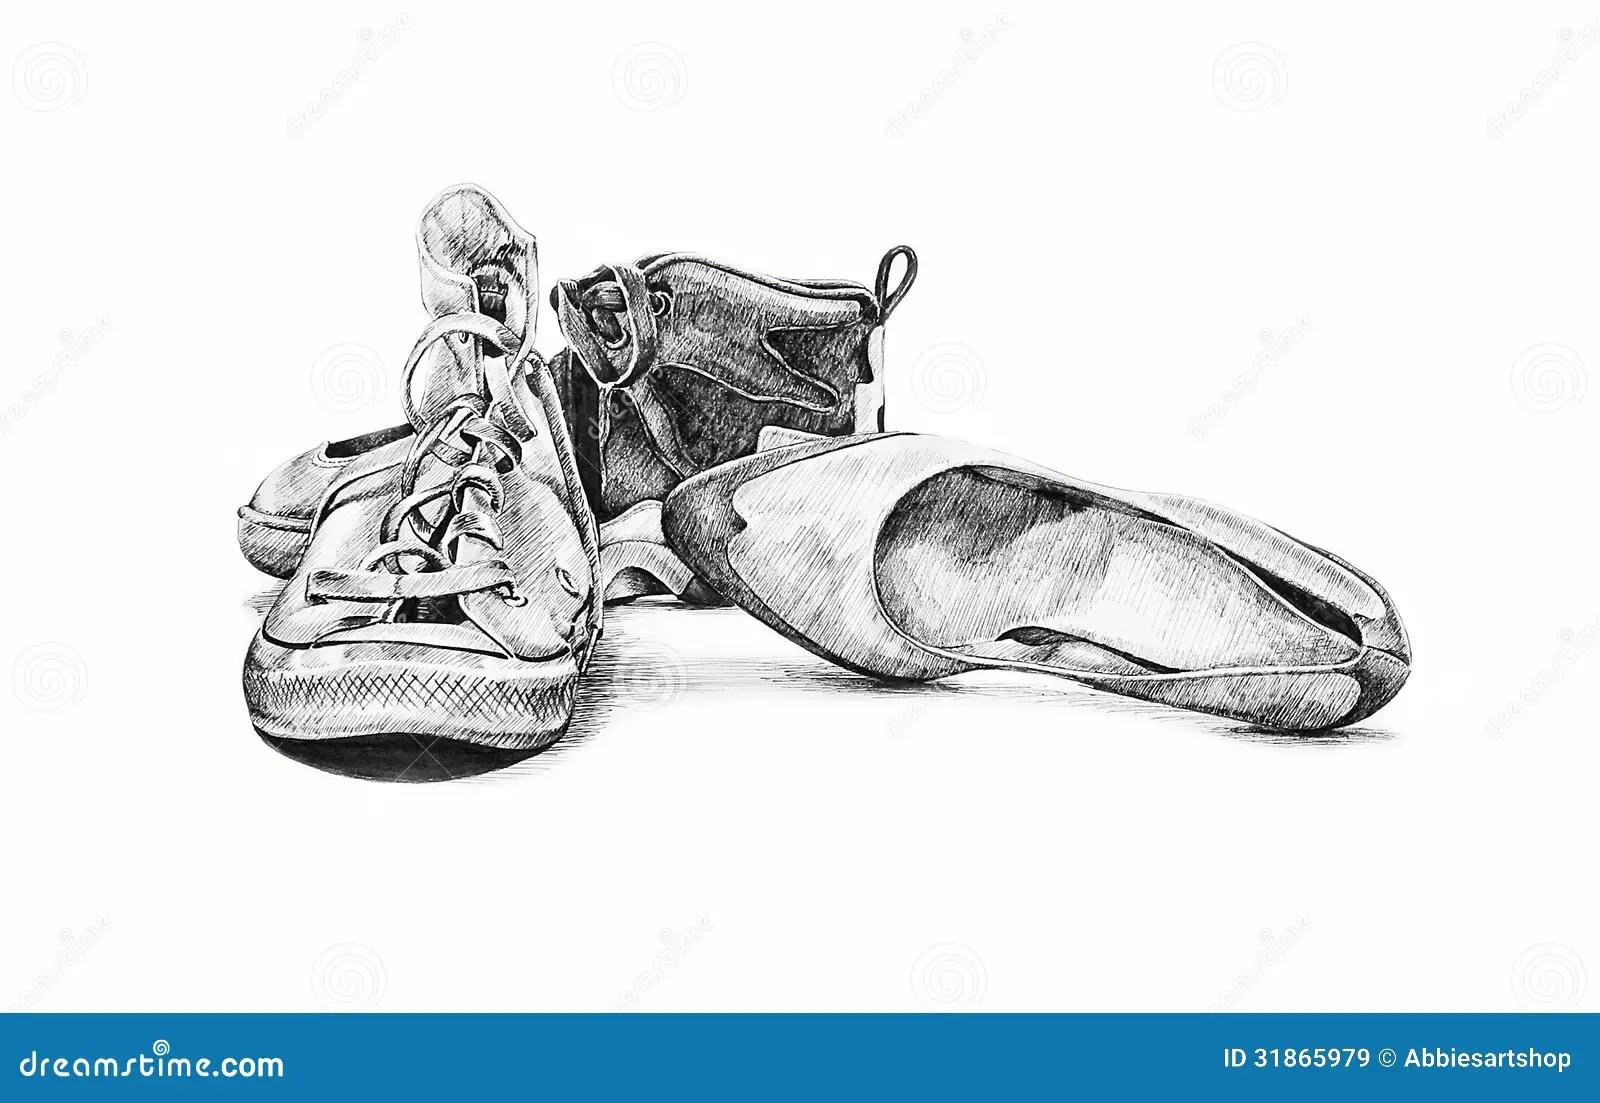 Scarpe D Annata Illustrazione Disegnata A Mano Immagini